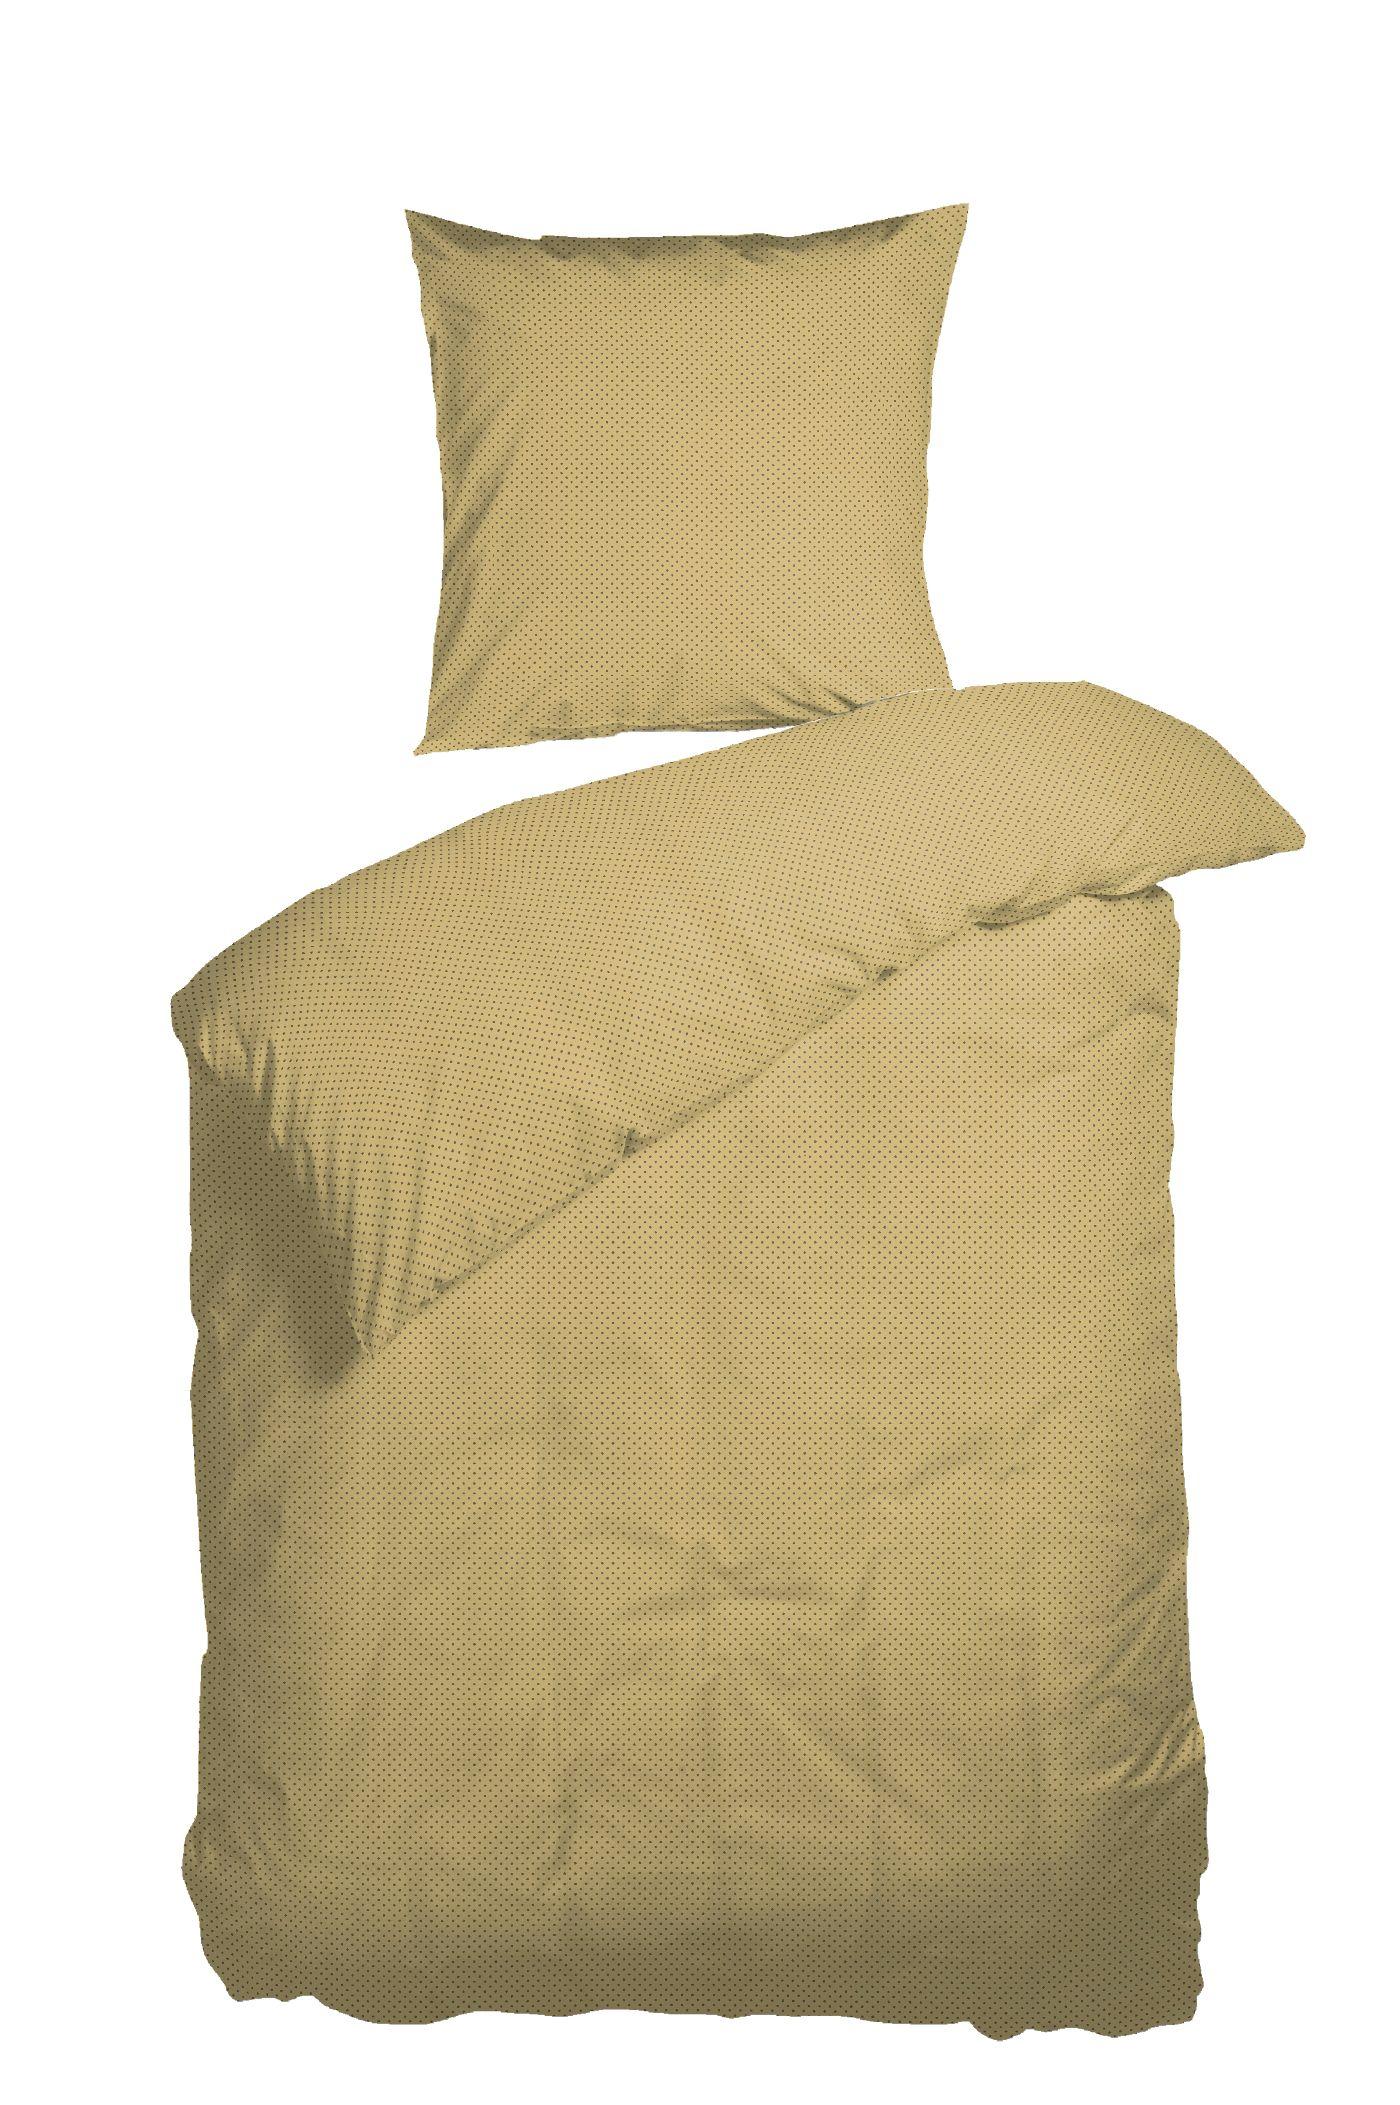 Nordisk Tekstil Morning Dew sengelinned, 140x200 cm, yellow